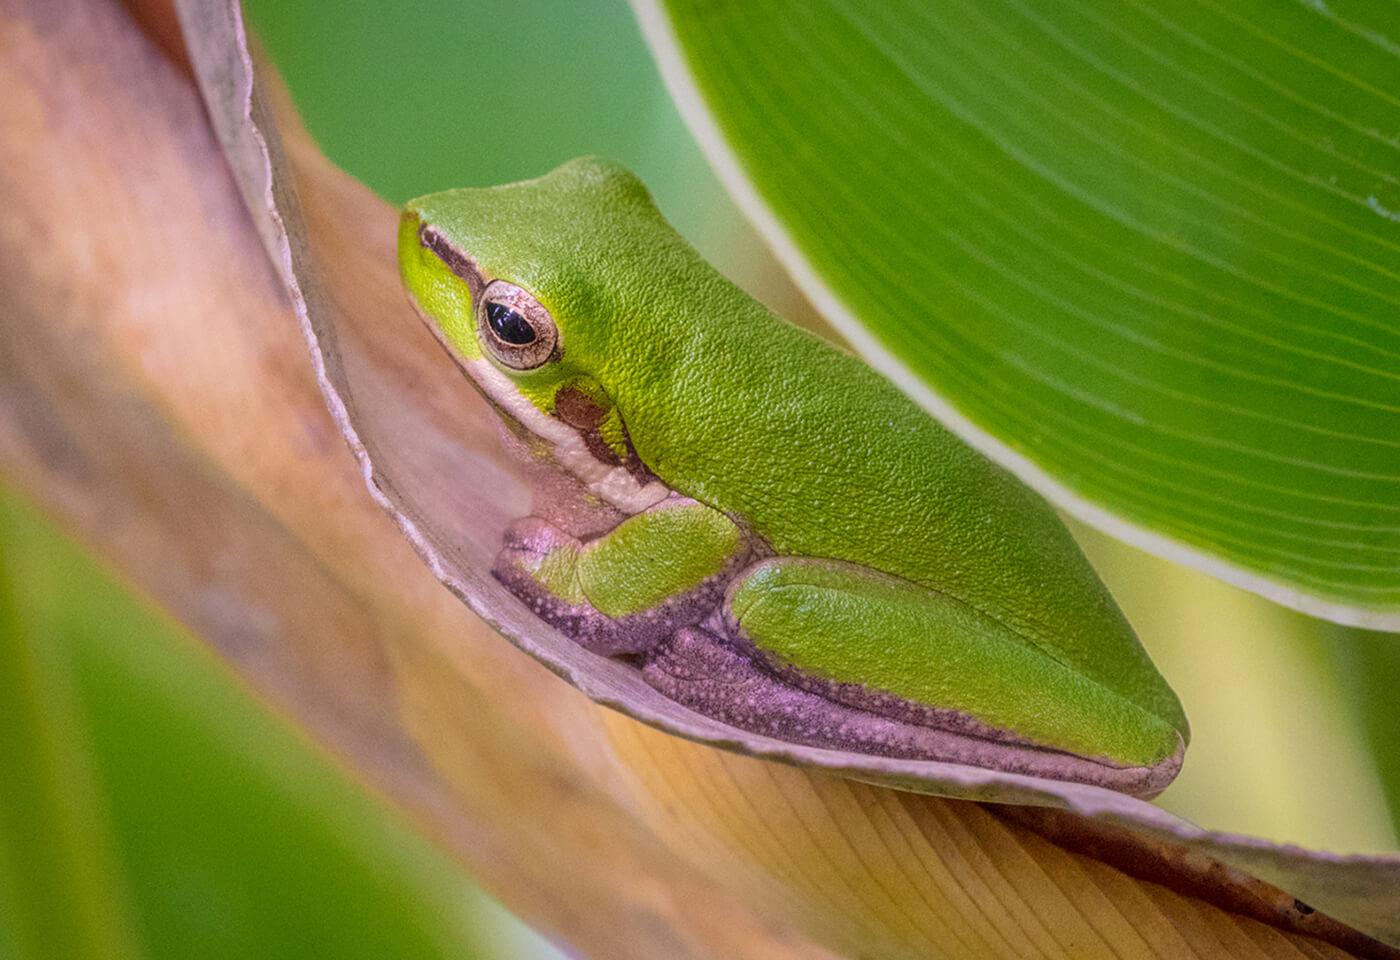 Macro image of a frog by Greg Sullavan